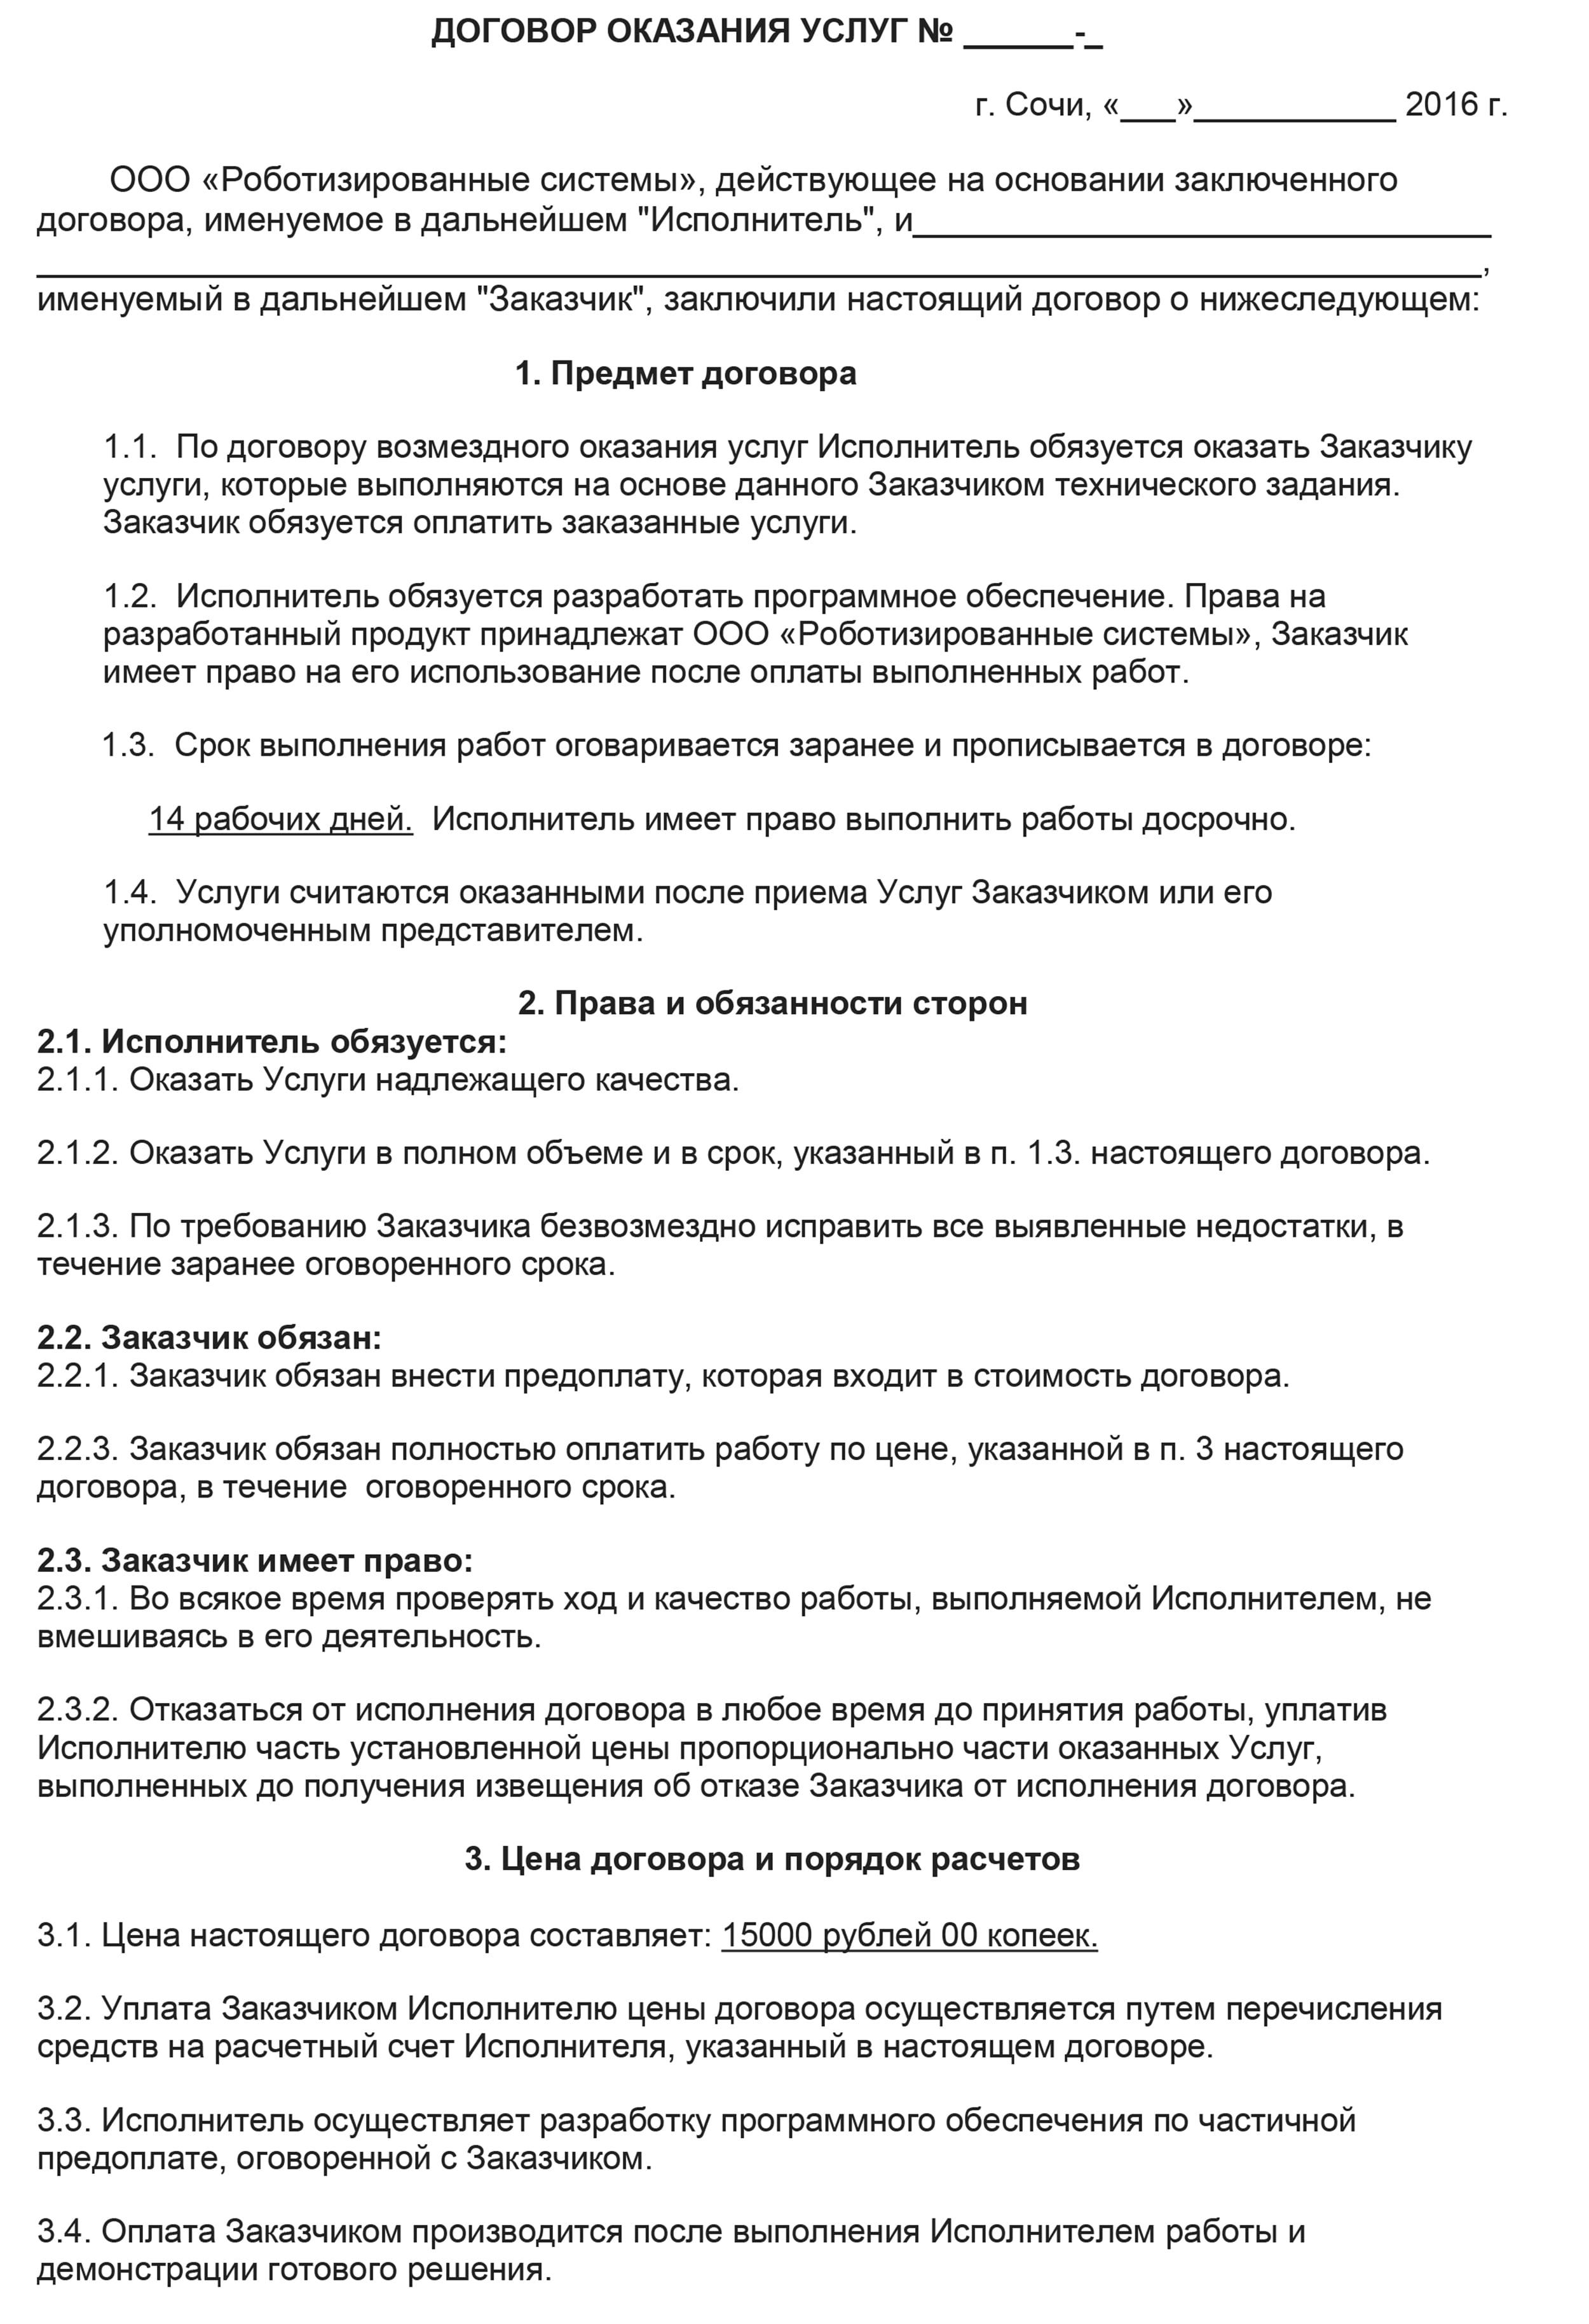 legea privind tranzacționarea roboților)